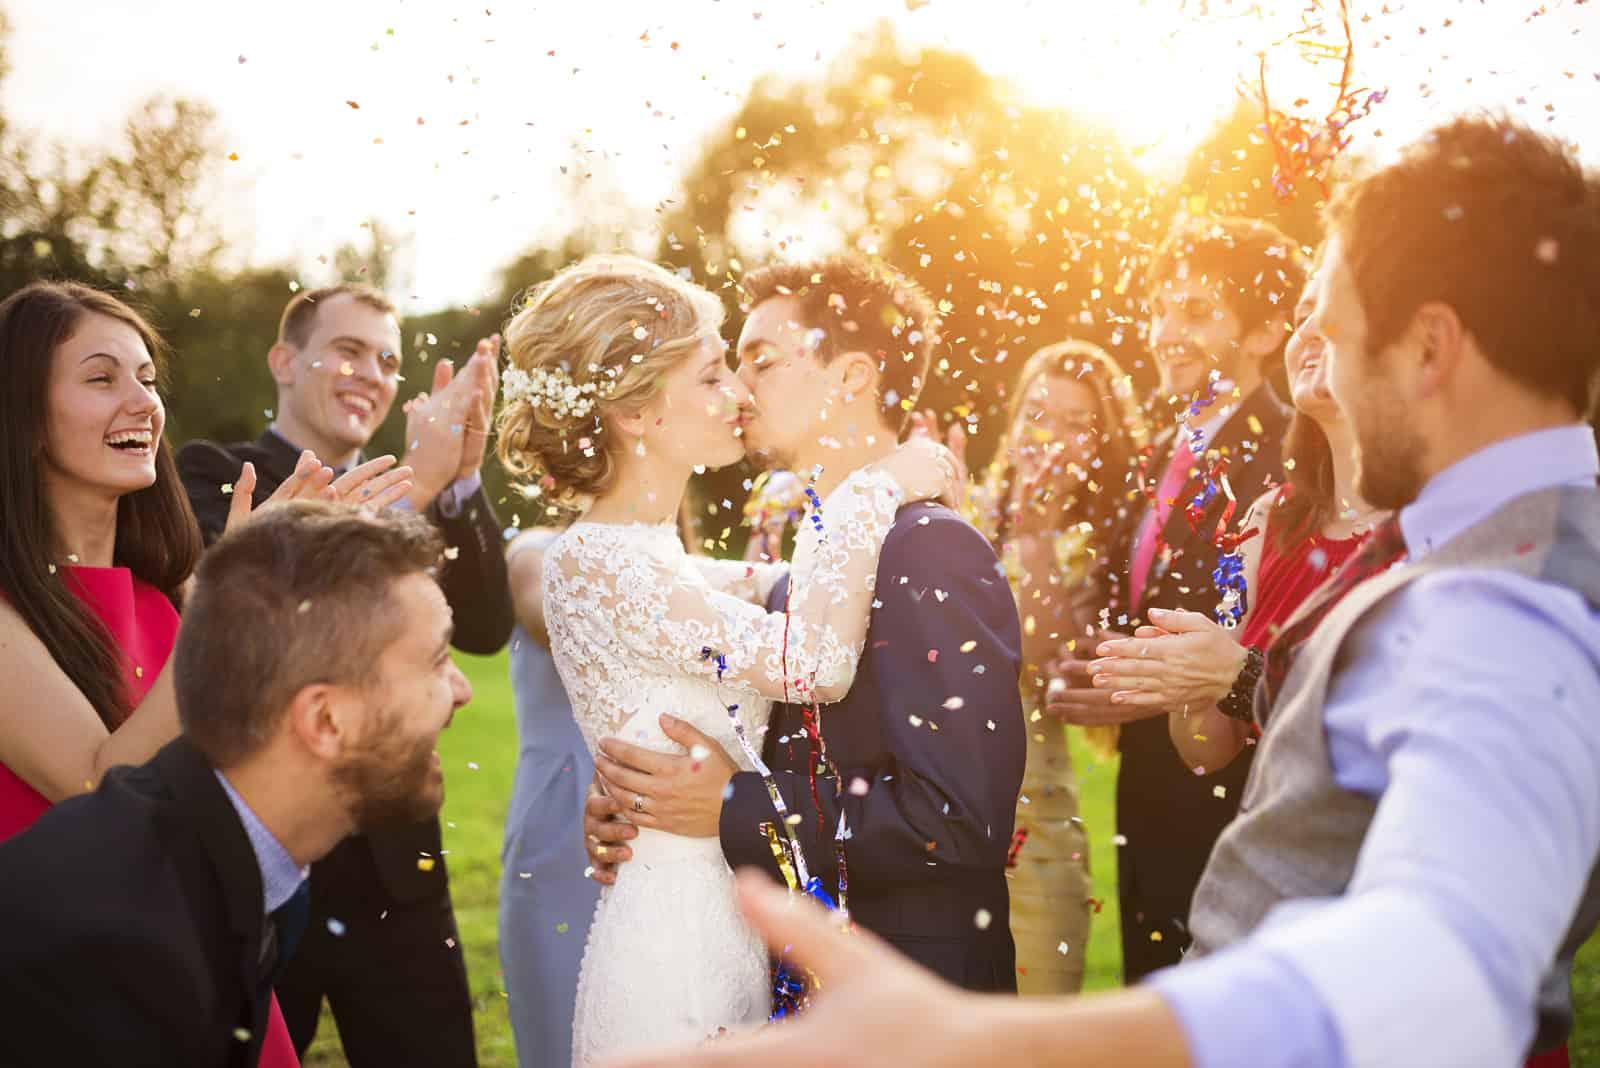 Der Bräutigam küsst die Braut zum ersten Mal